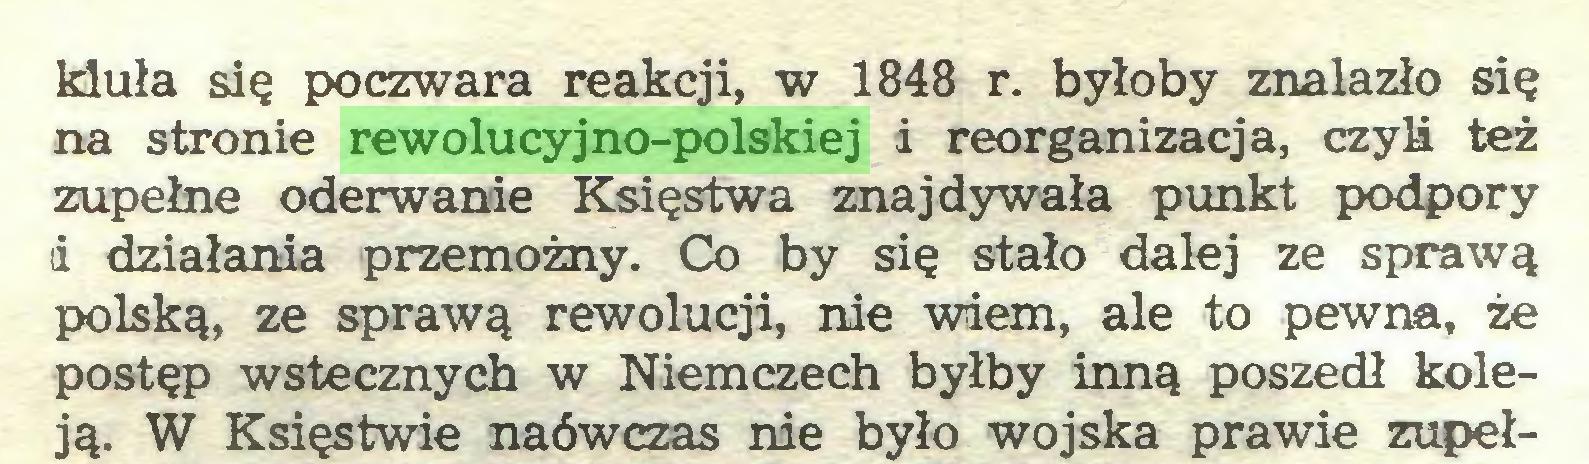 (...) kłuła się poczwara reakcji, w 1848 r. byłoby znalazło się na stronie rewolucyjno-polskiej i reorganizacja, czyli też zupełne oderwanie Księstwa znajdywała punkt podpory i działania przemożny. Co by się stało dalej ze sprawą polską, ze sprawą rewolucji, nie wiem, ale to pewna, że postęp wstecznych w Niemczech byłby inną poszedł koleją. W Księstwie naówczas nie było wojska prawie zupeł...